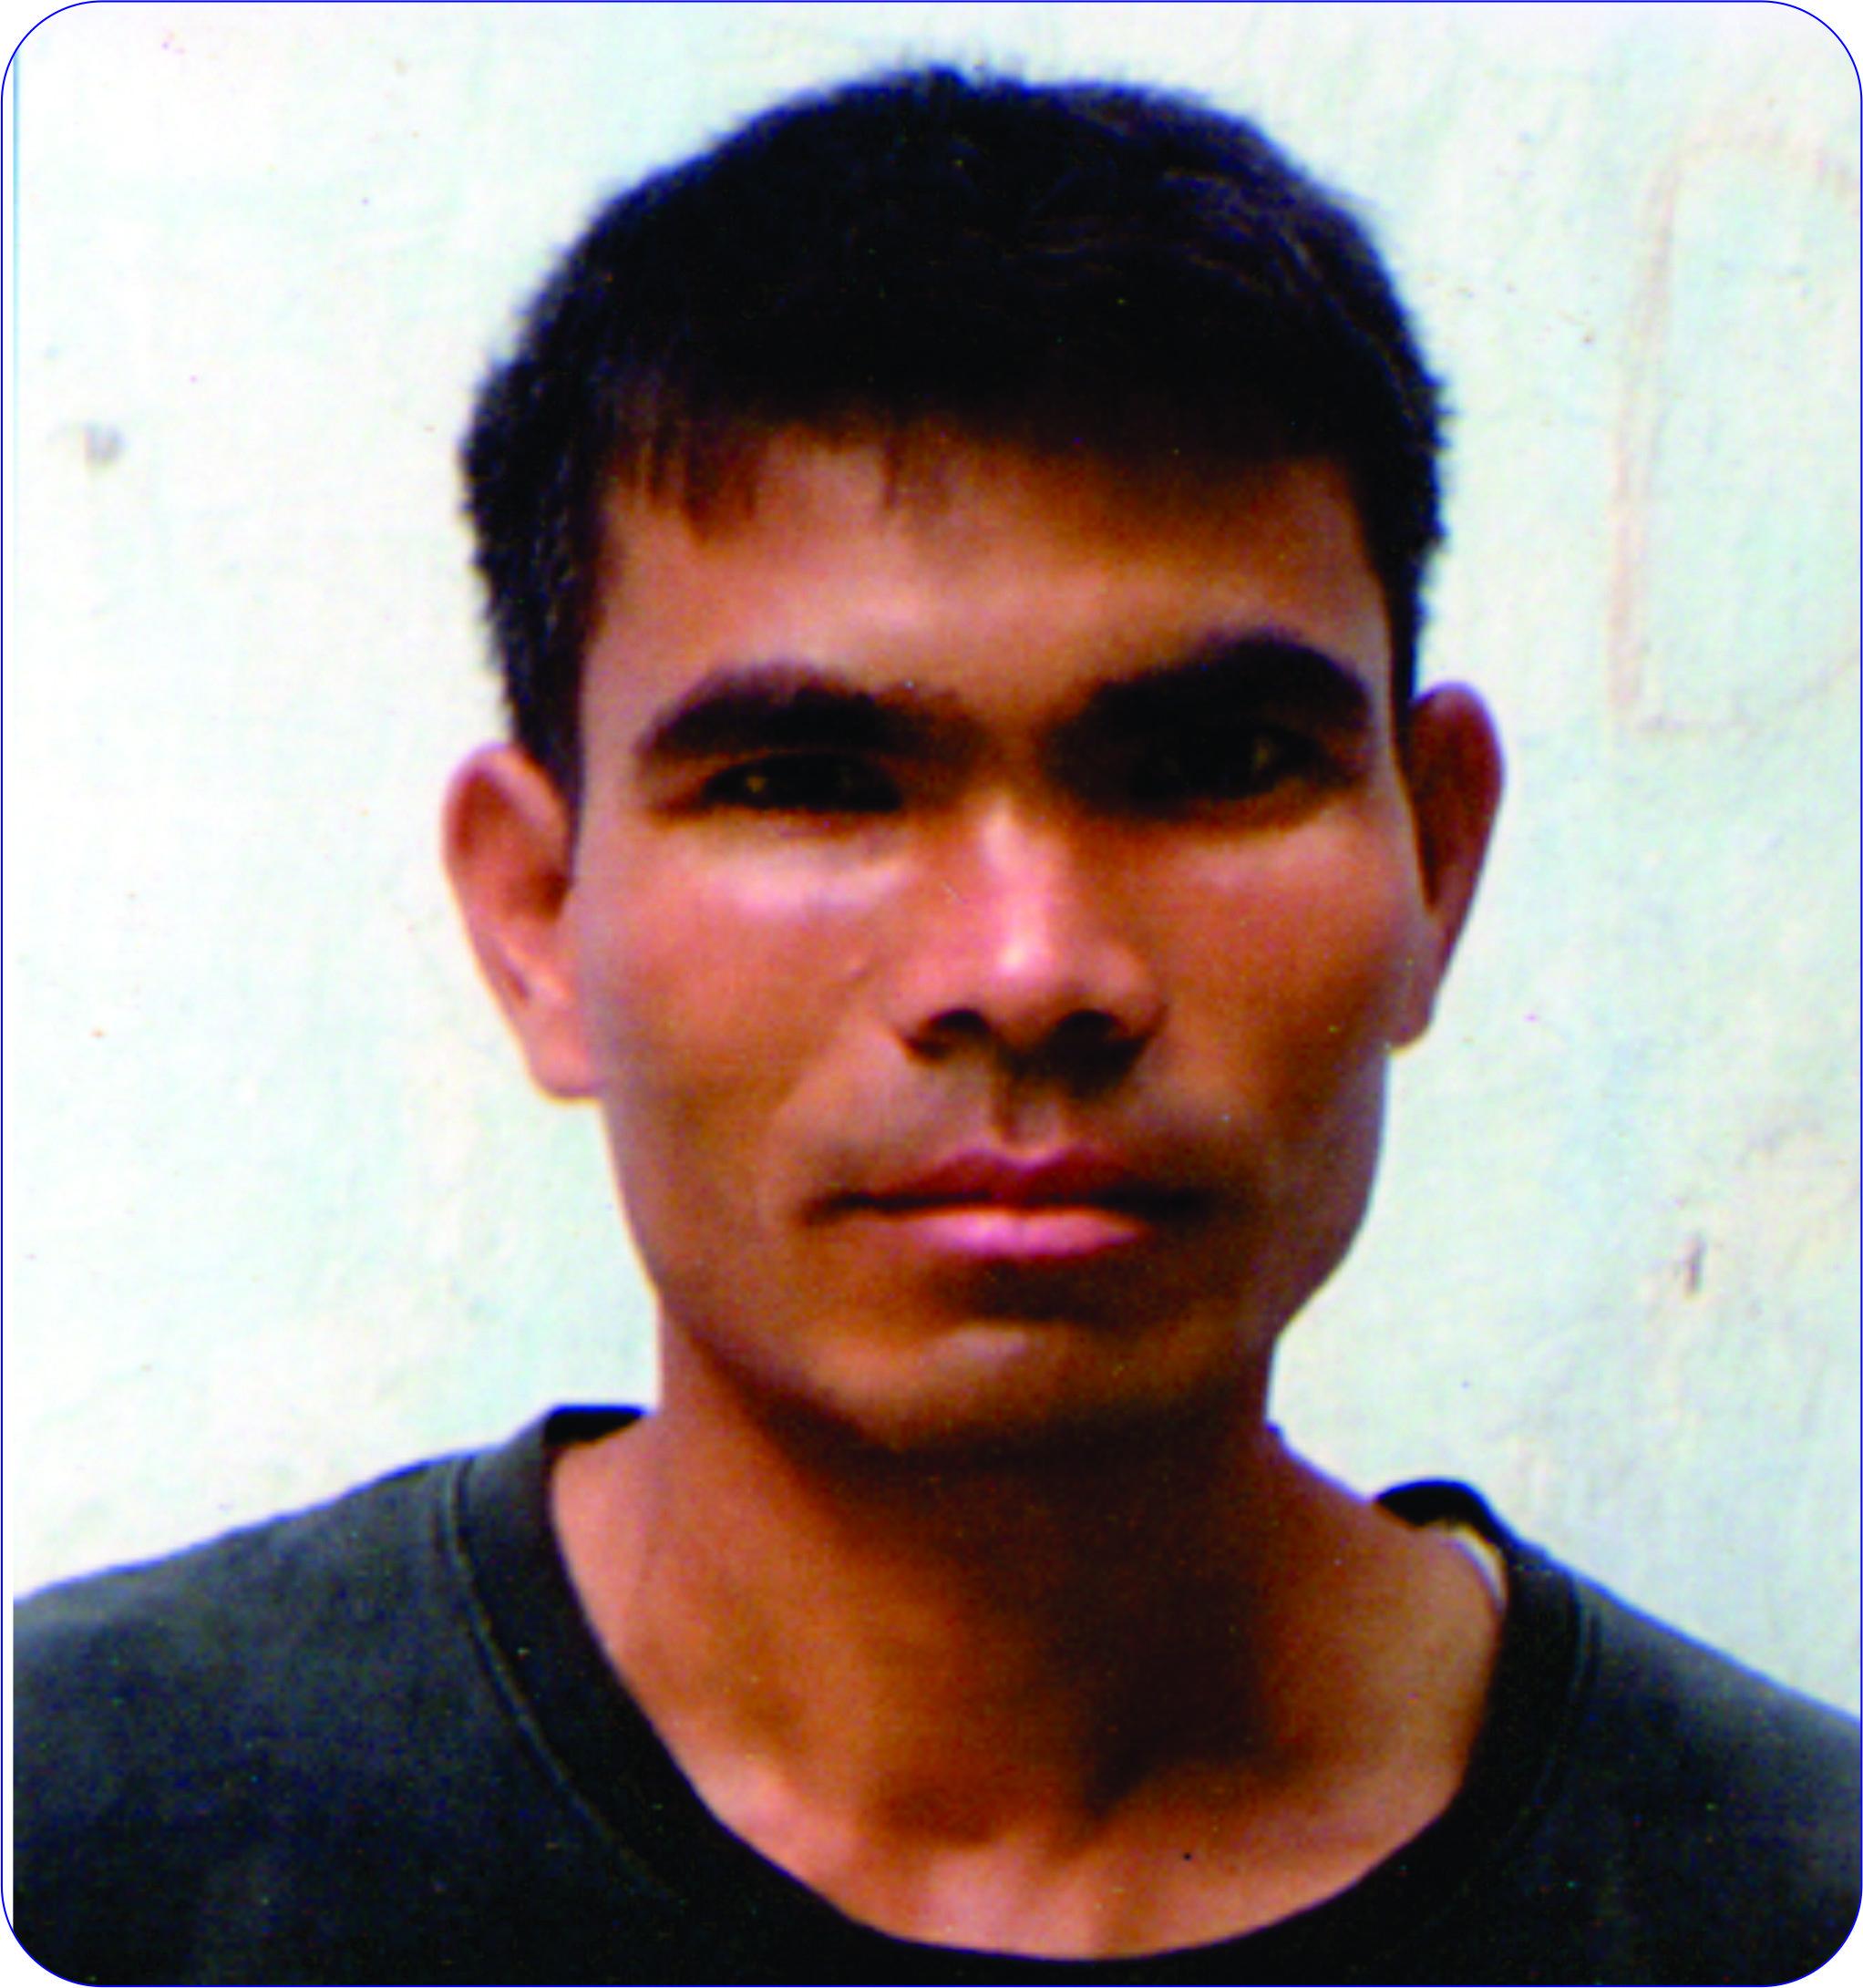 Buddhi Chaudhary